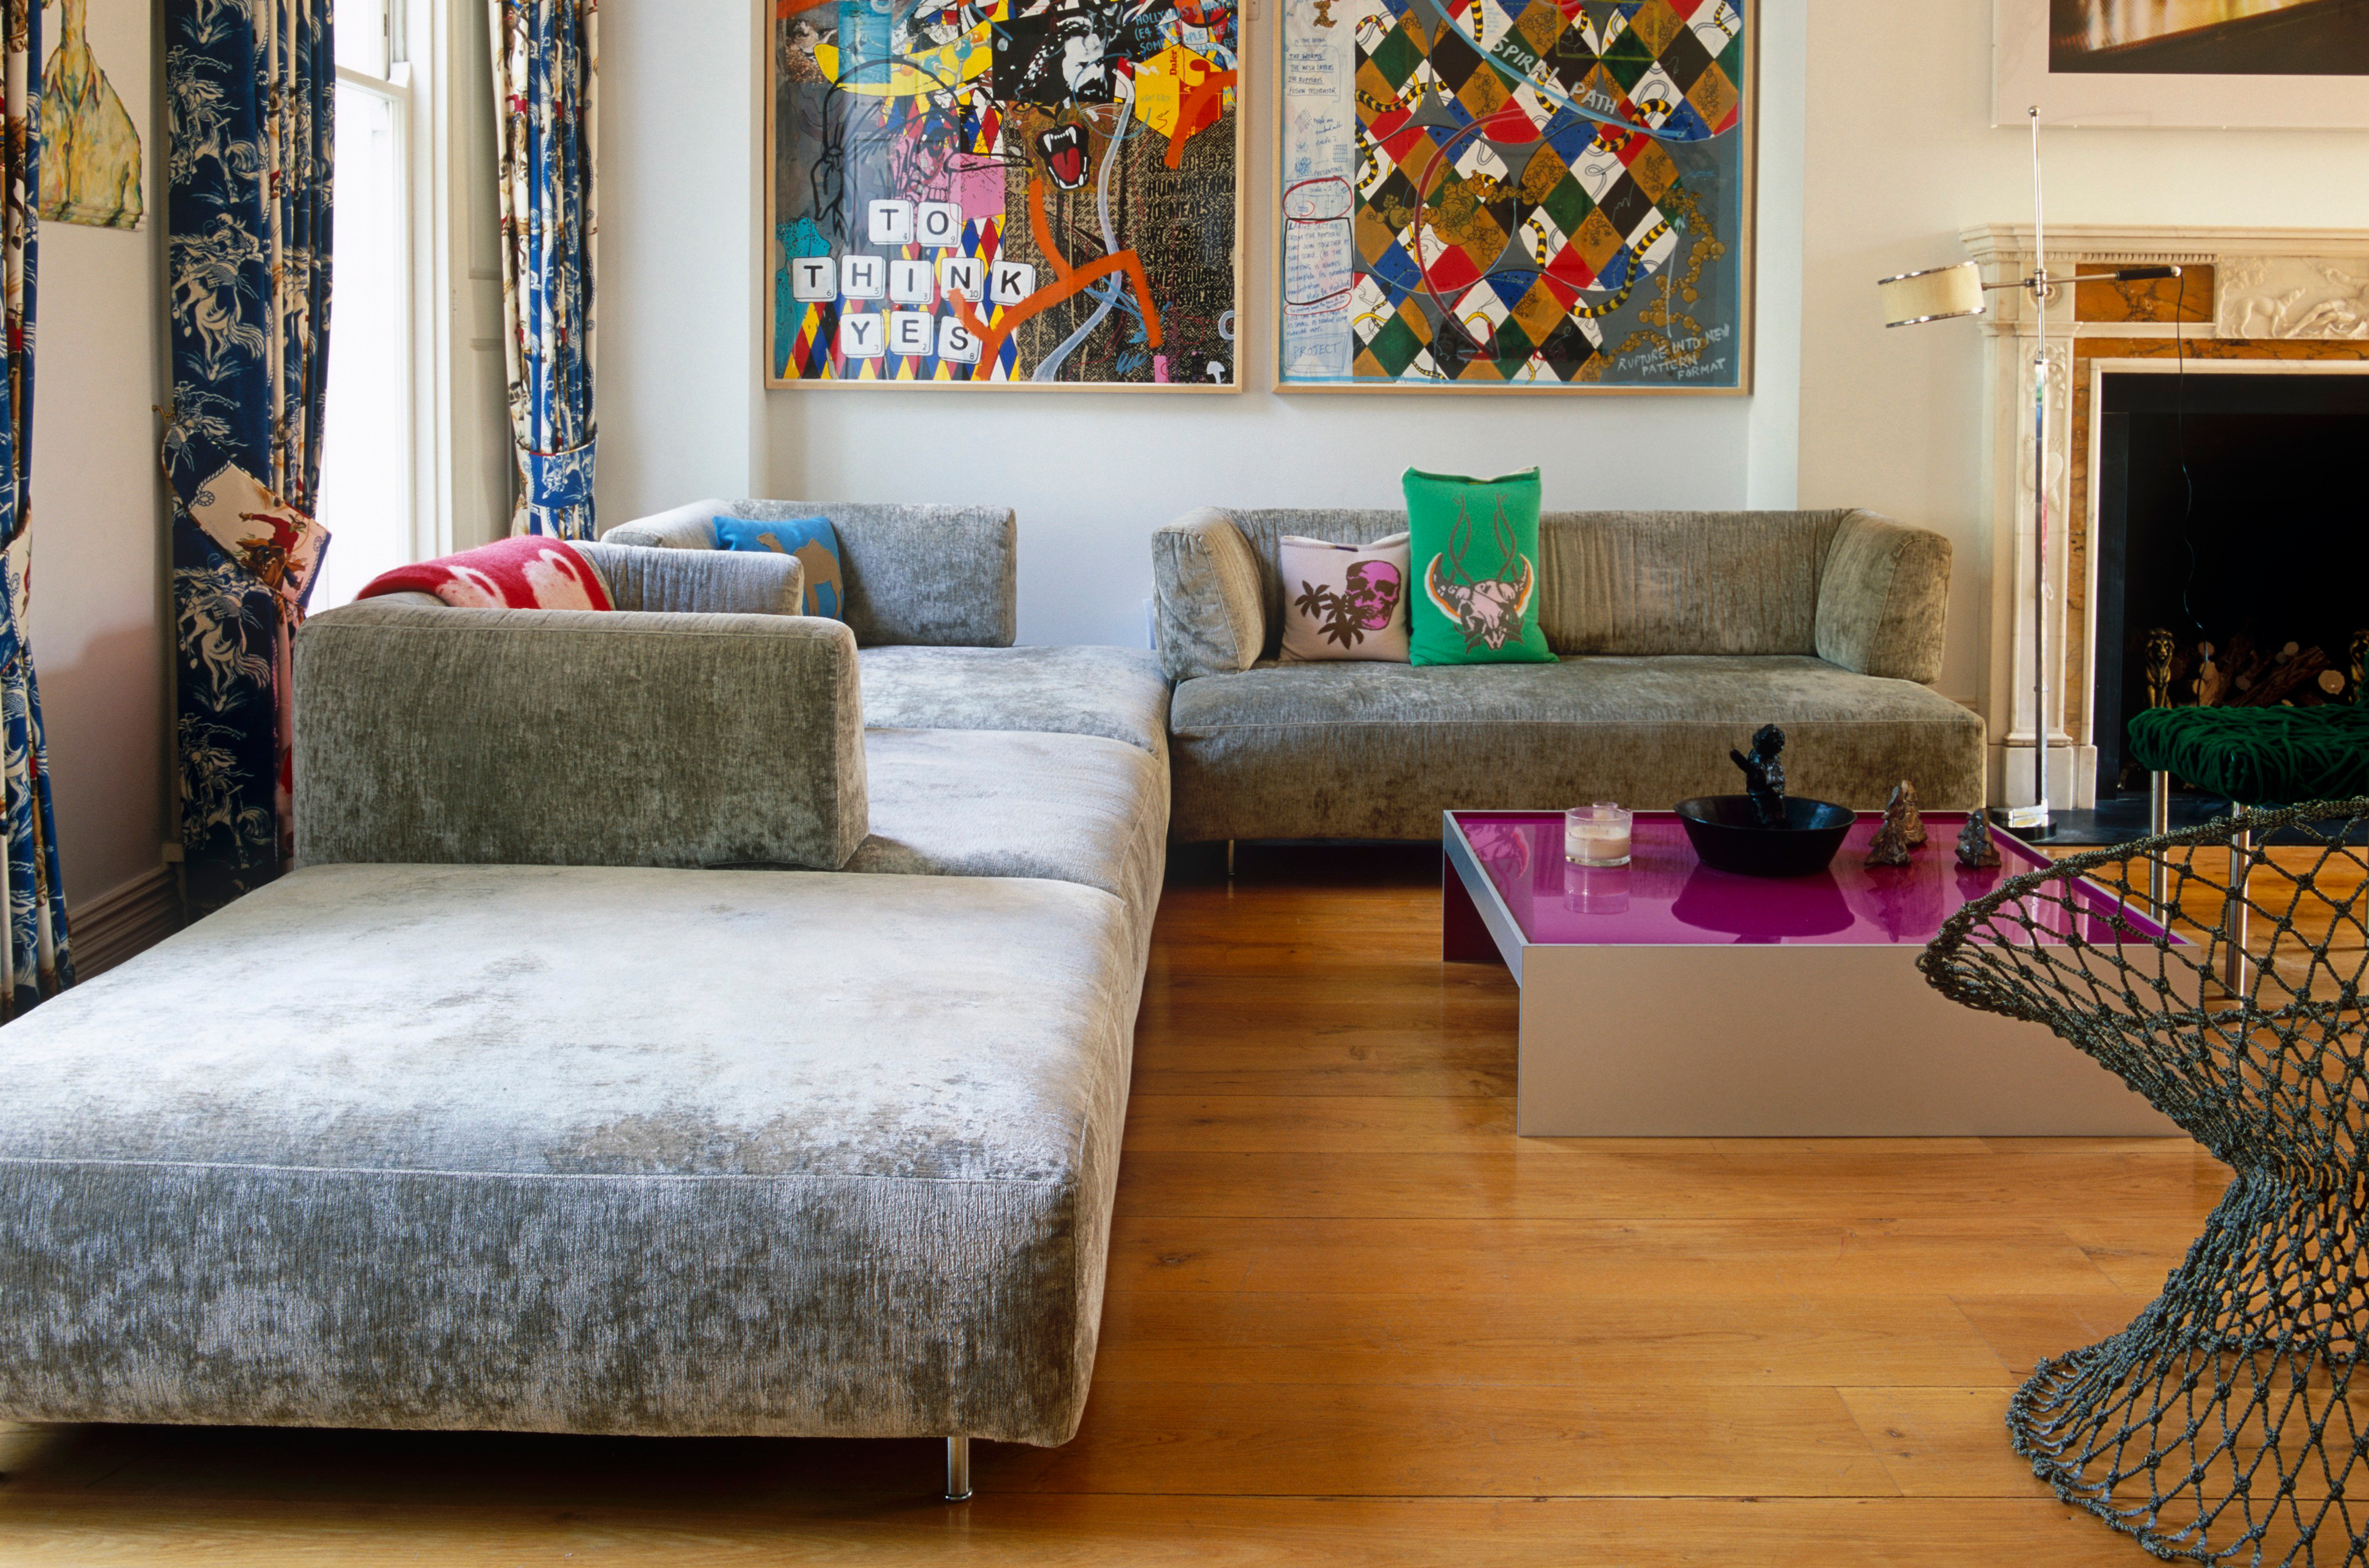 Pros y contras de comprar un piso a reformar idealista - Antes de comprar un piso ...